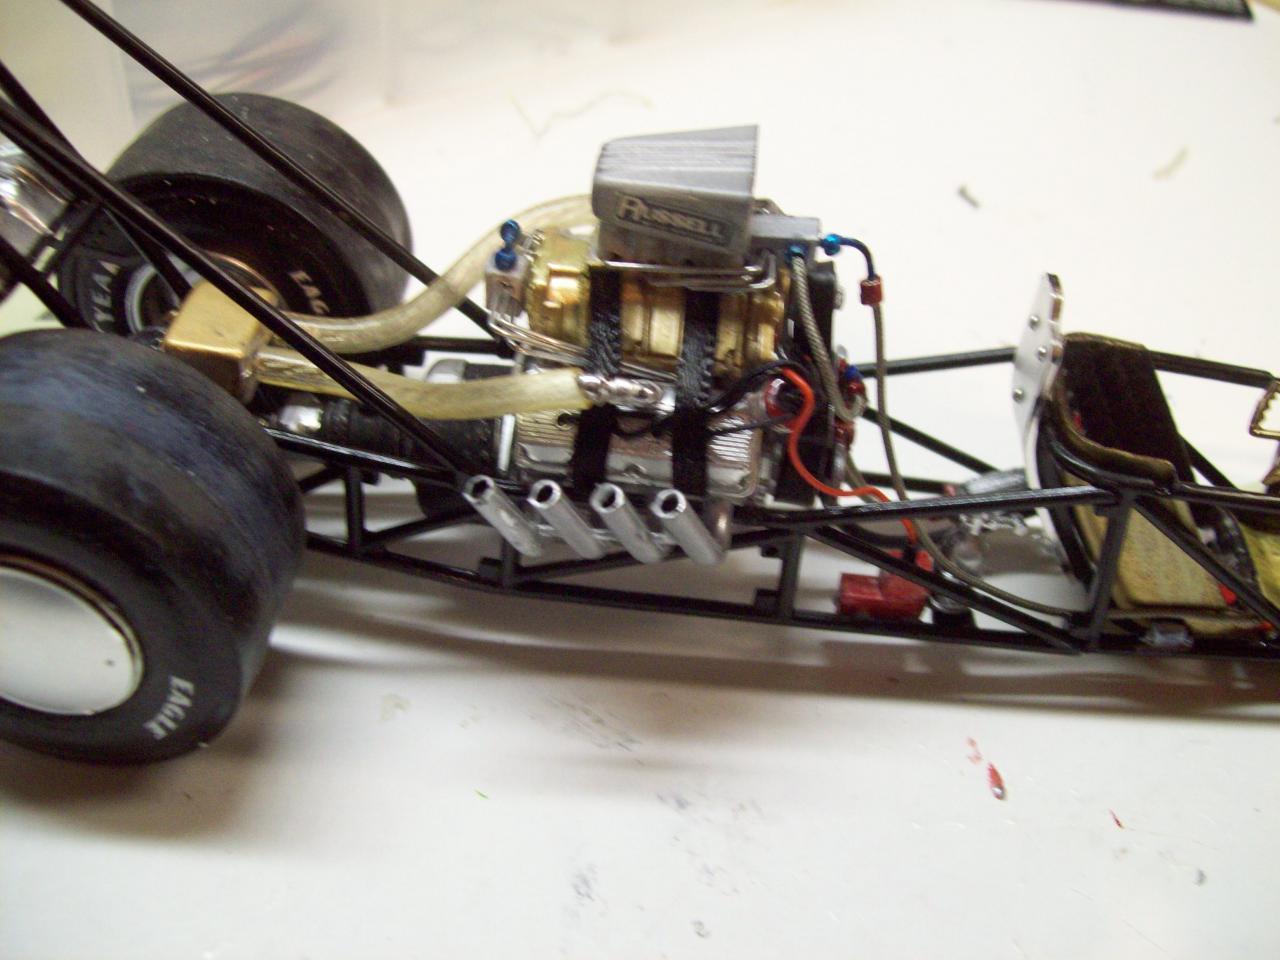 swamp rat xxx build - drag racing models